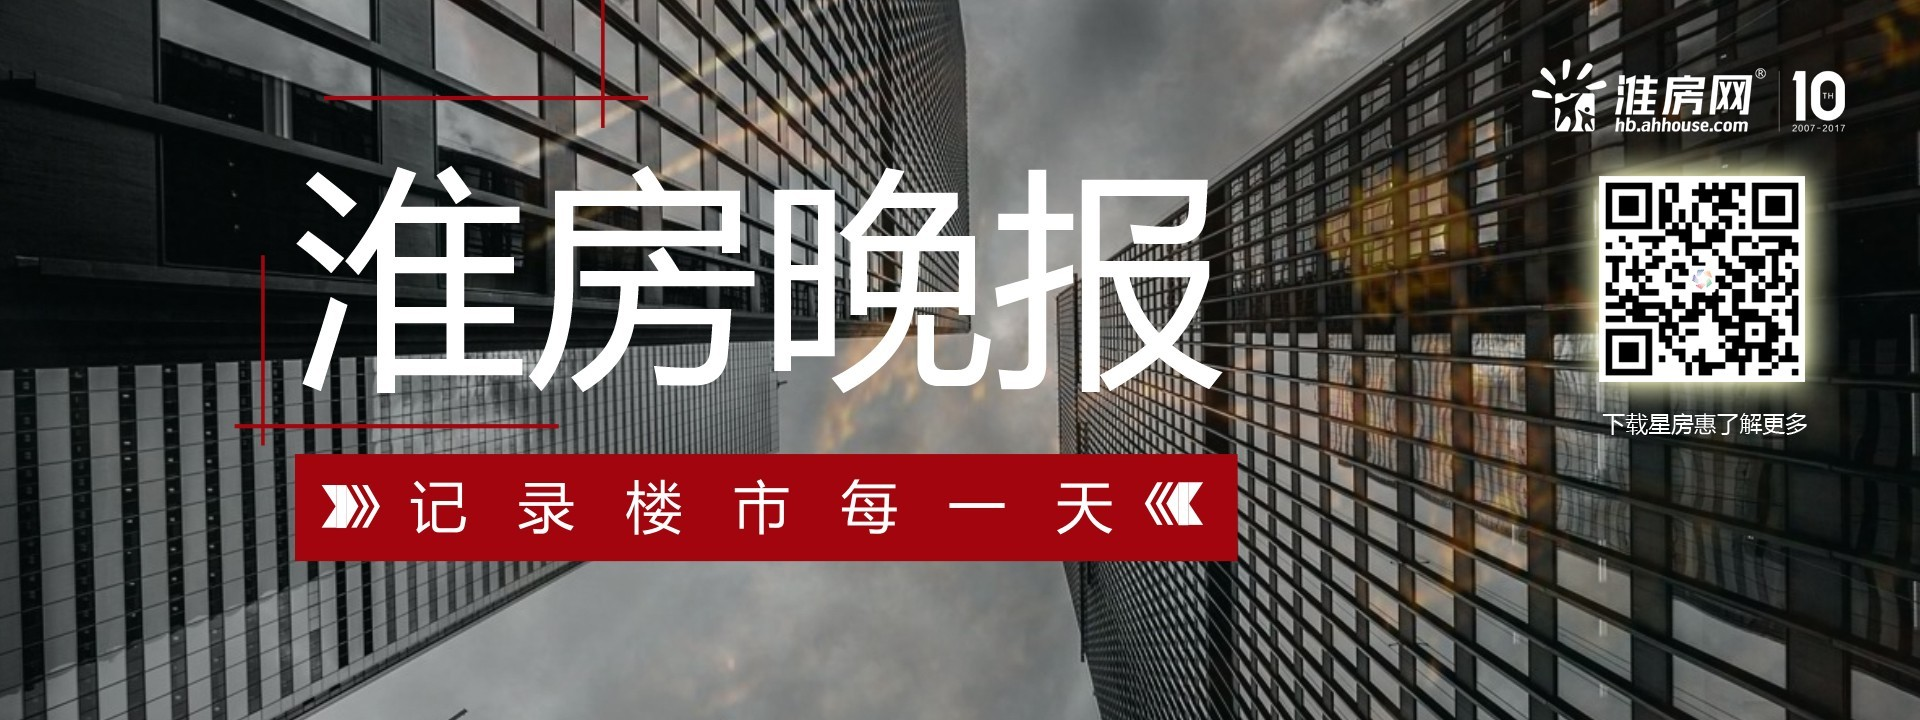 淮房网11月14日晚报   第十二届地产星光奖评选首周 谁将脱颖而出领跑淮北